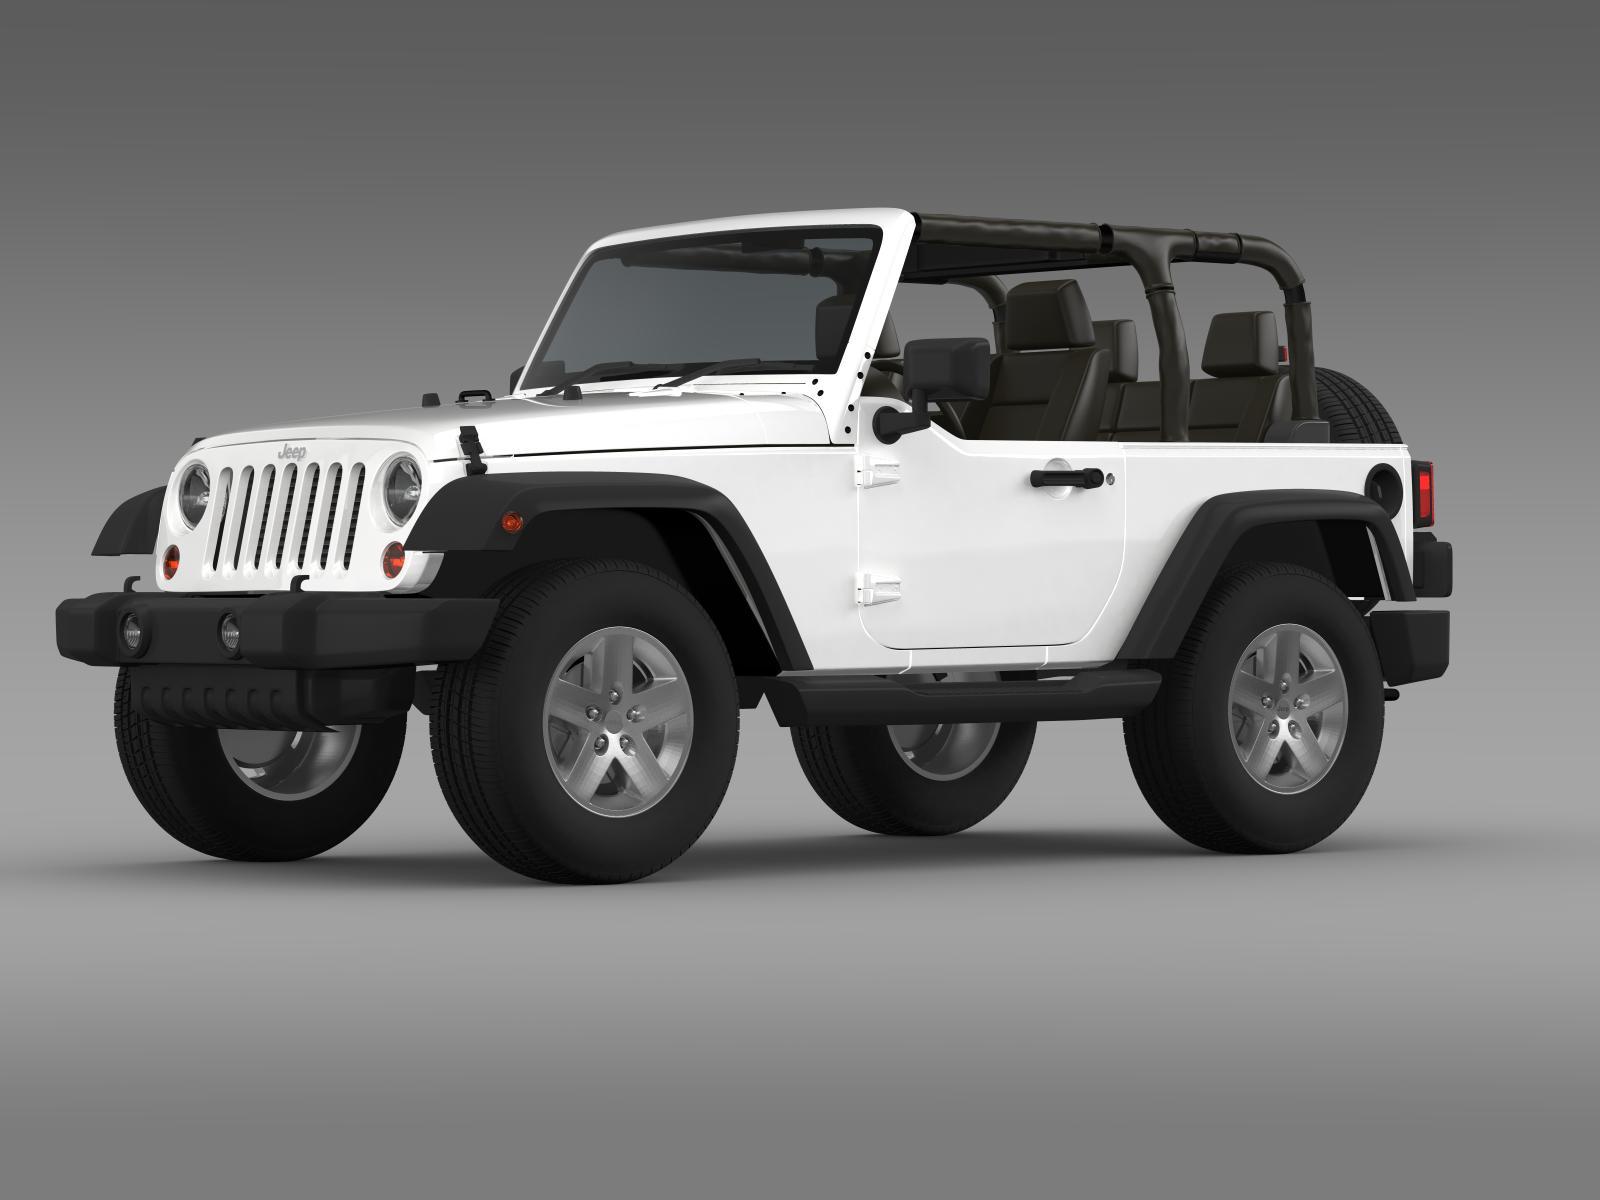 jeep wrangler islander edition 2010 3d model buy jeep. Black Bedroom Furniture Sets. Home Design Ideas